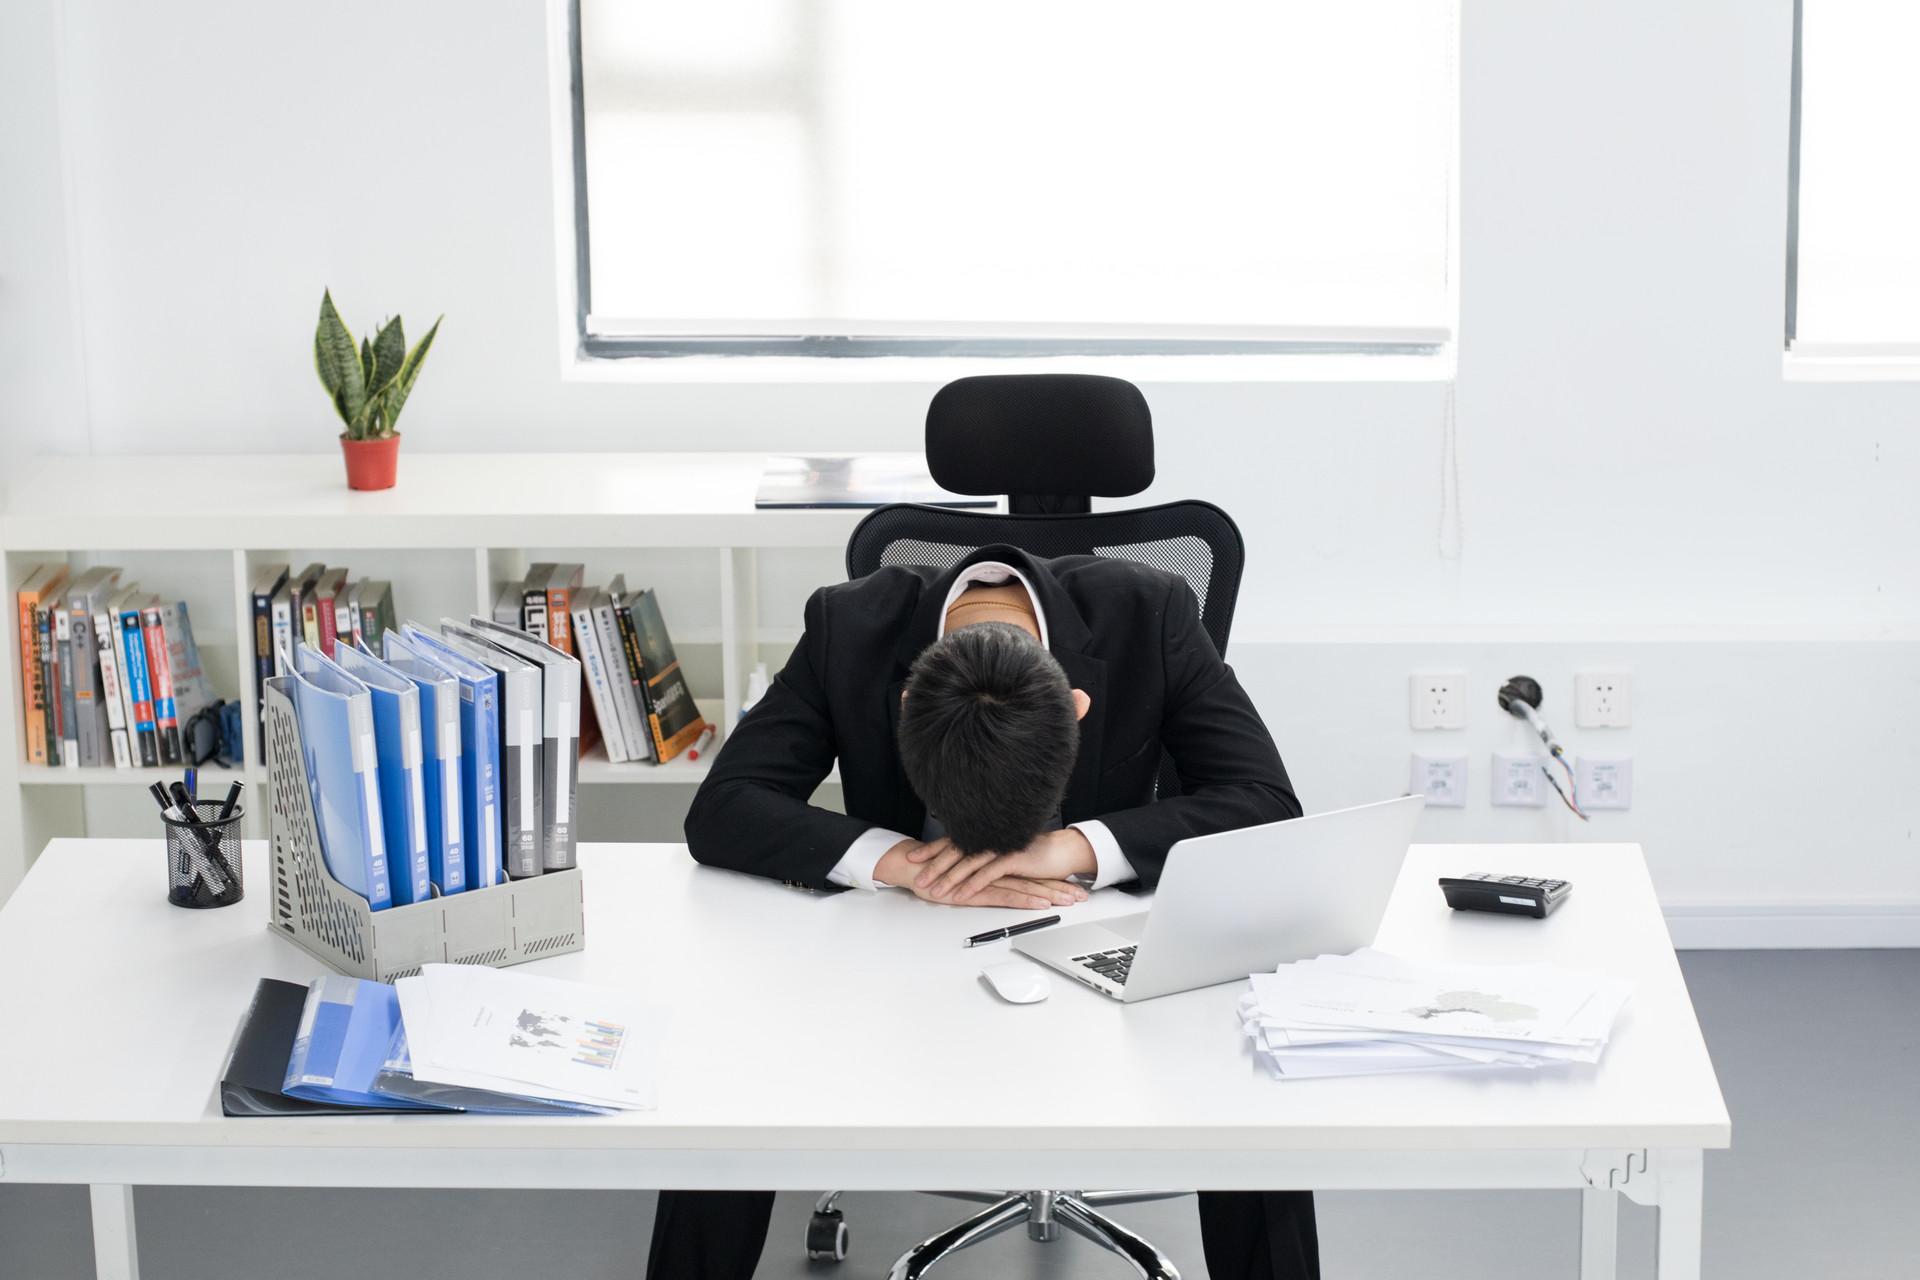 拯救上班族,电脑椅撑起疲惫身躯!